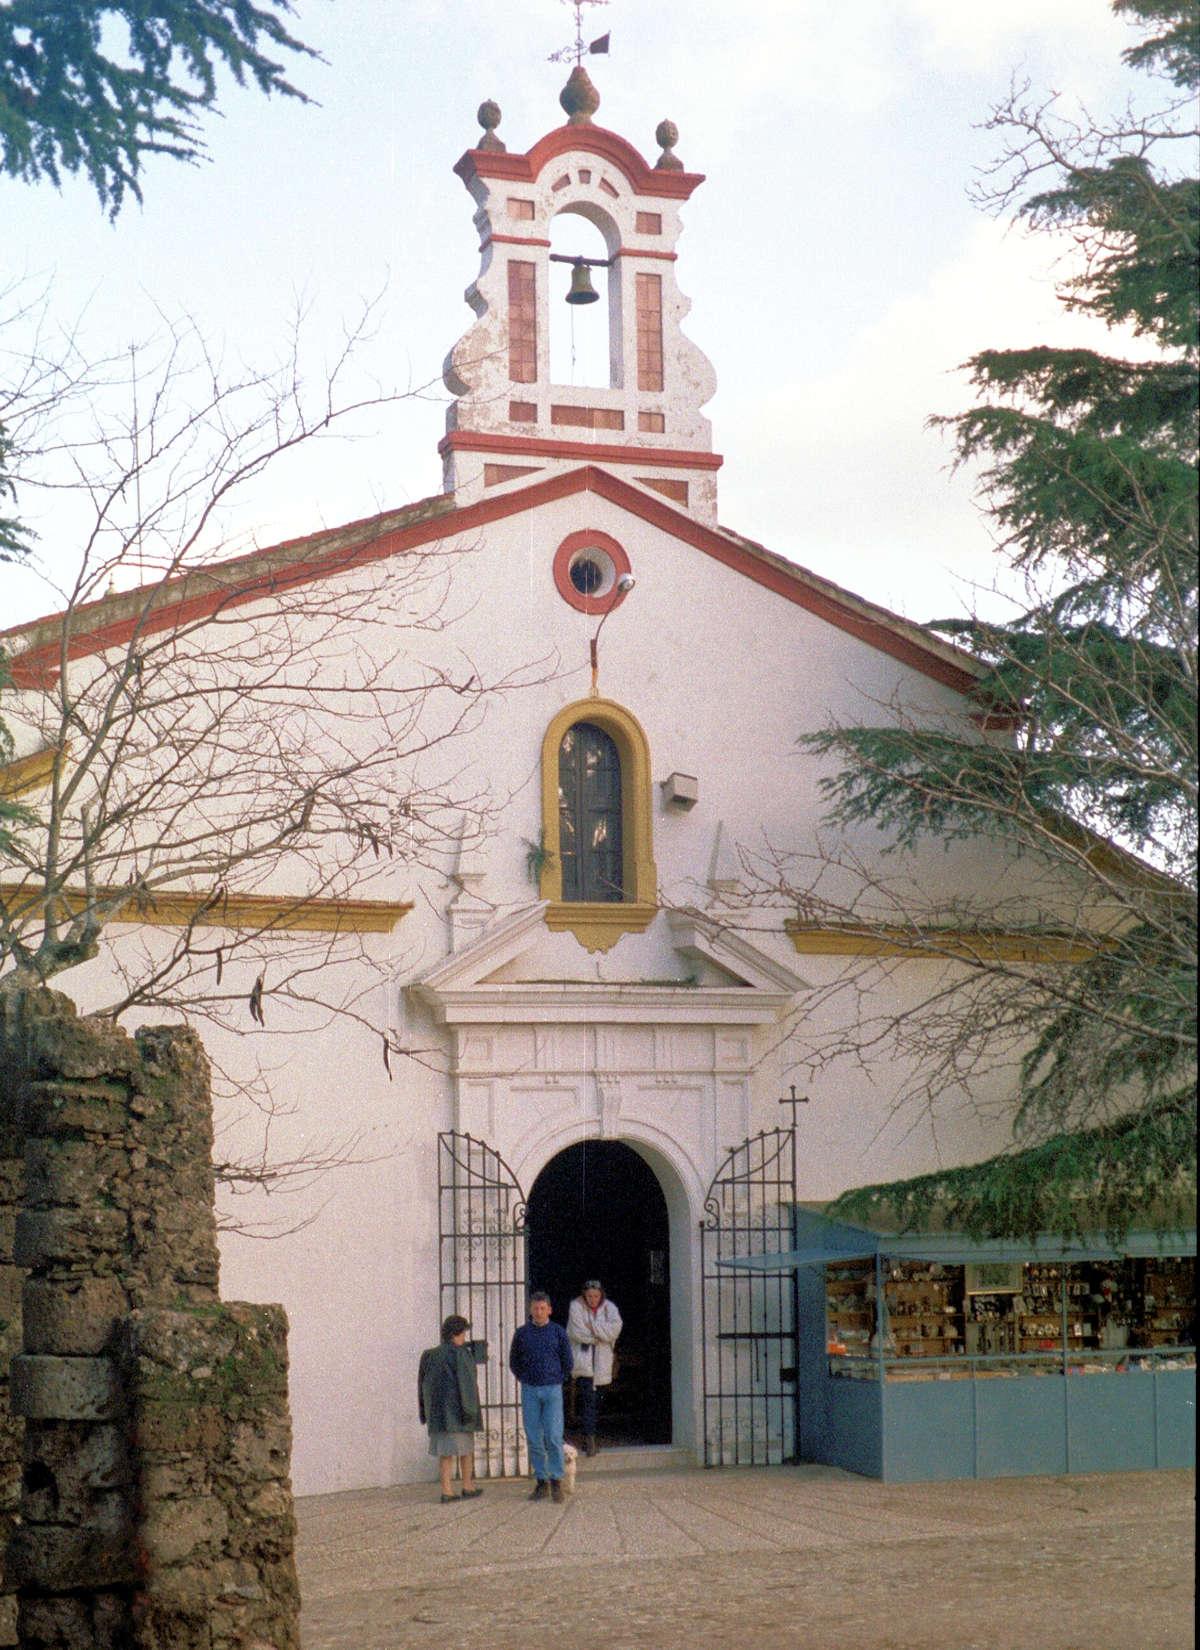 Ermita-Nuestra-Señora-Reina-de-los-Angeles-Alájar-Huelva